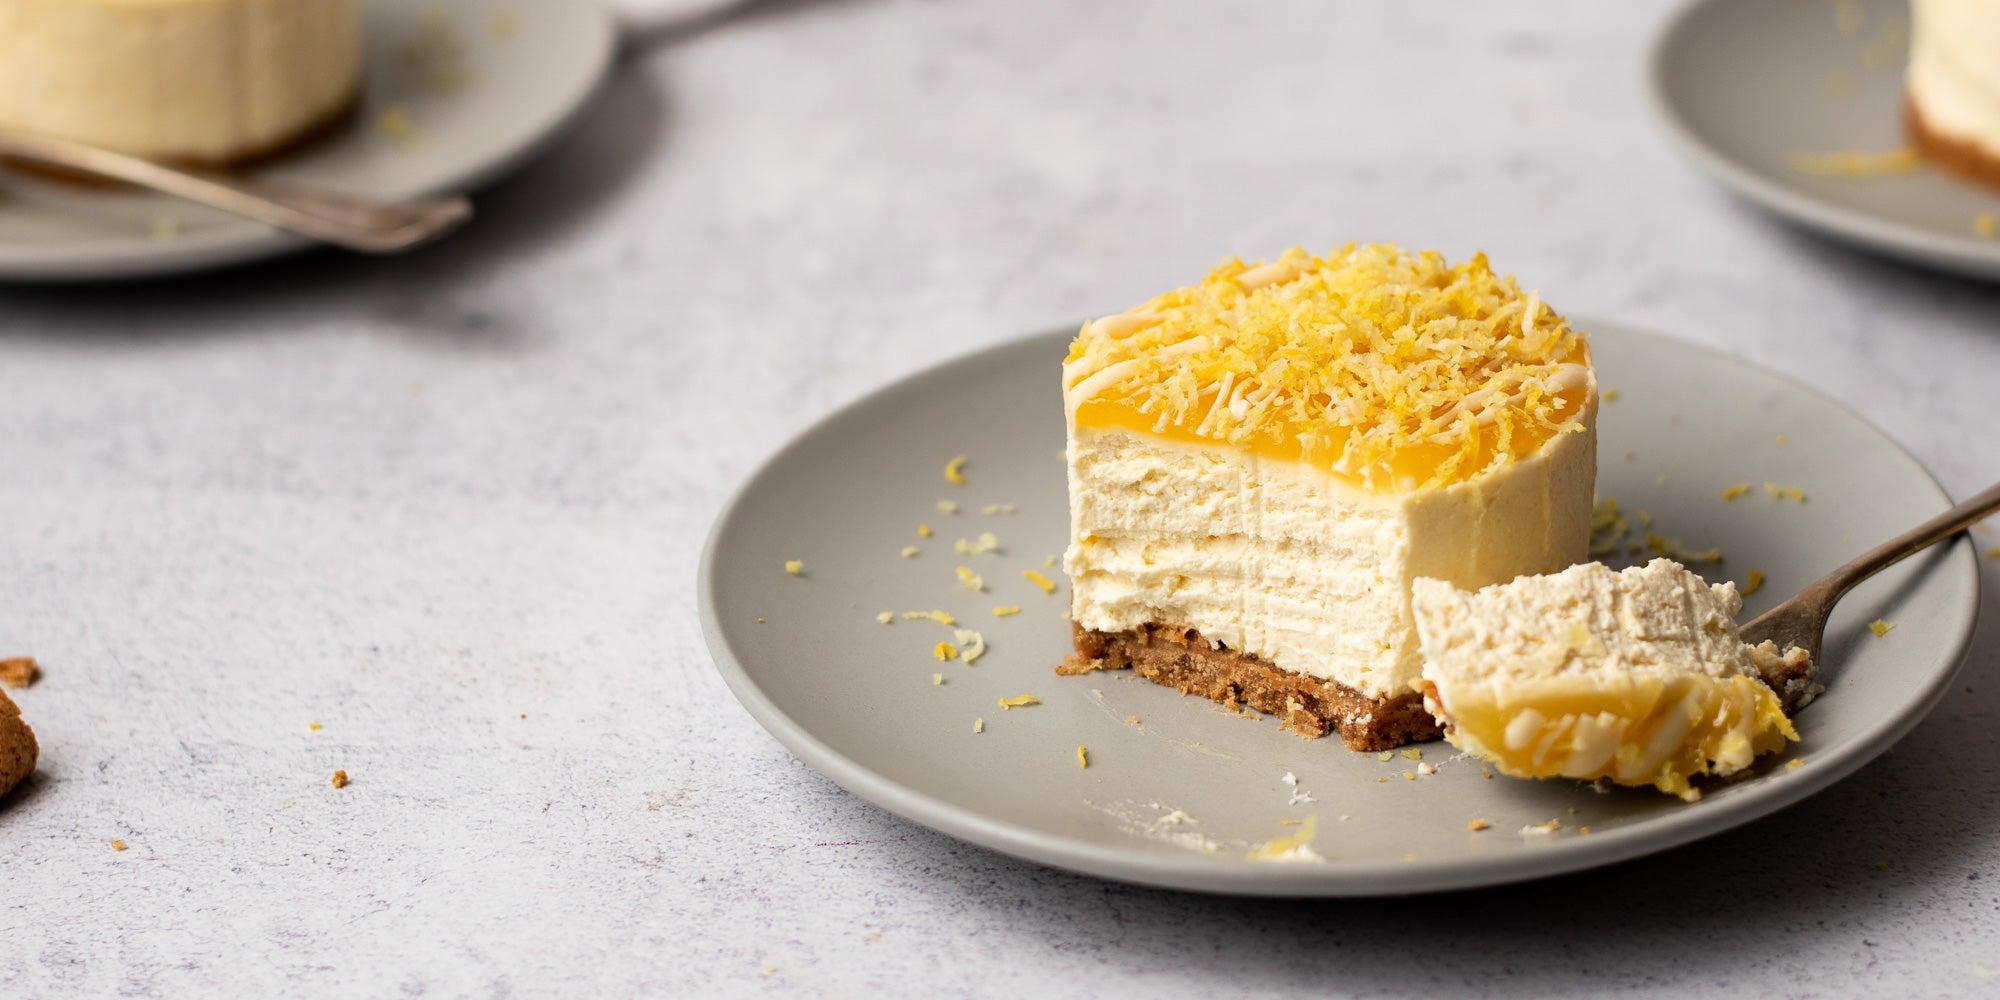 Mini Lemon Amaretti Cheesecakes bite taken out